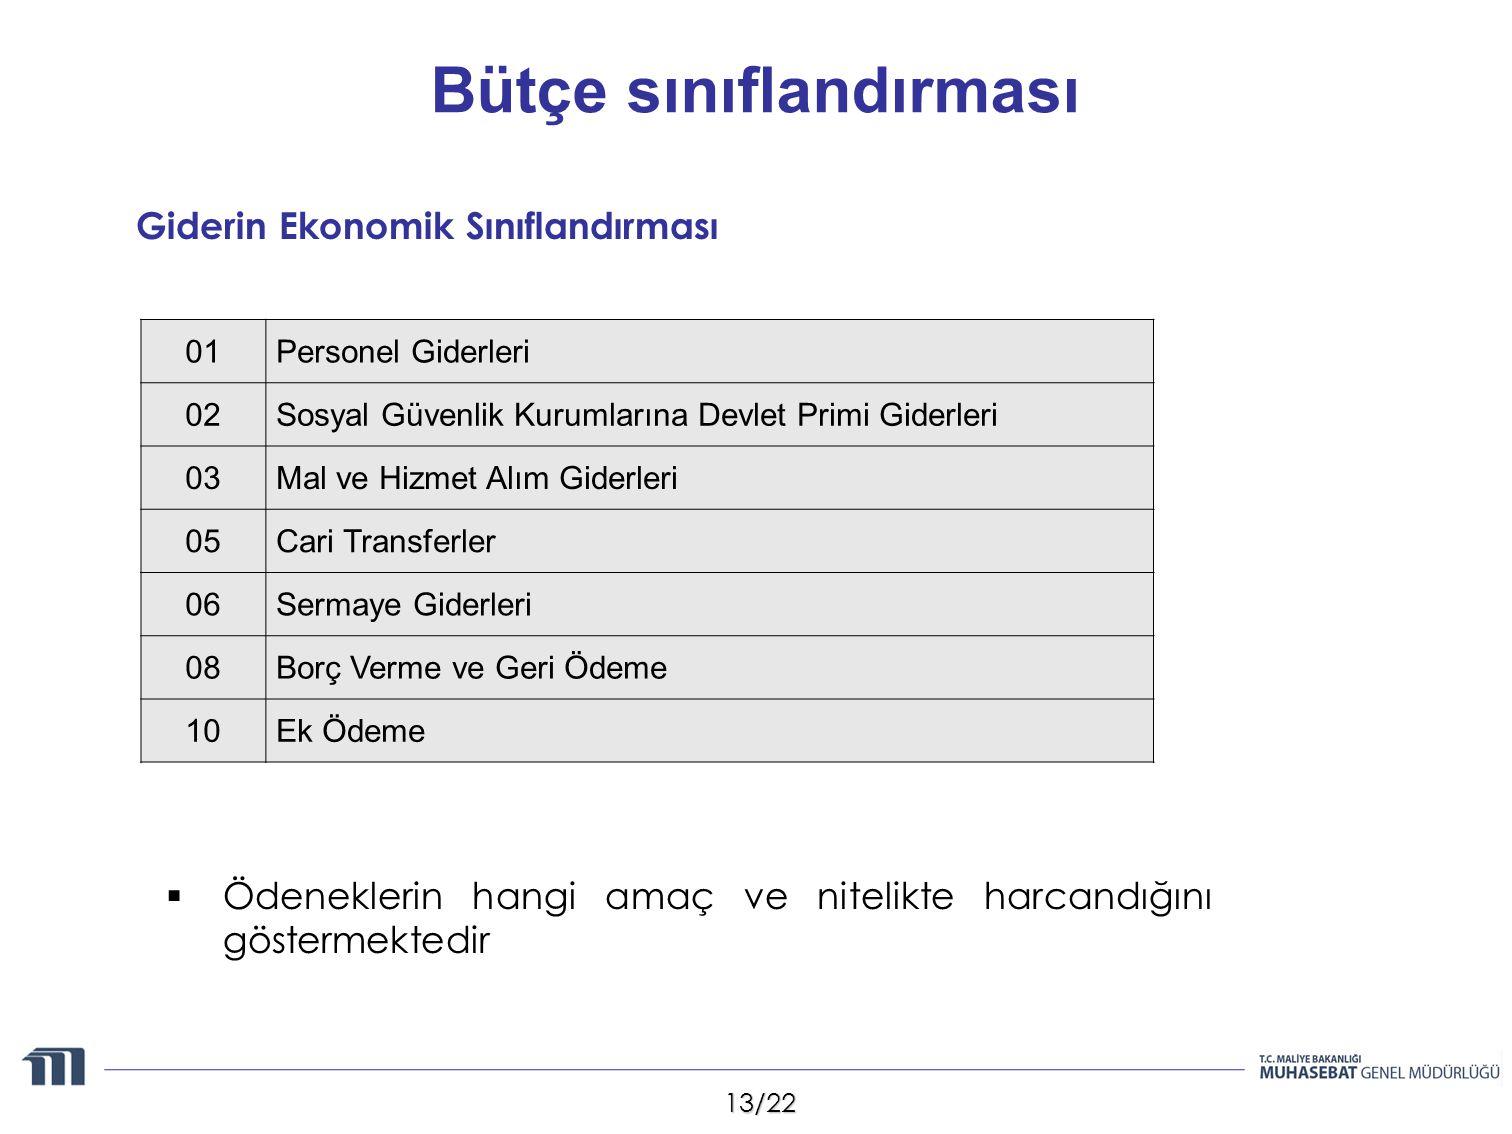 13/22 Bütçe sınıflandırması  Ödeneklerin hangi amaç ve nitelikte harcandığını göstermektedir Giderin Ekonomik Sınıflandırması 01 Personel Giderleri 0